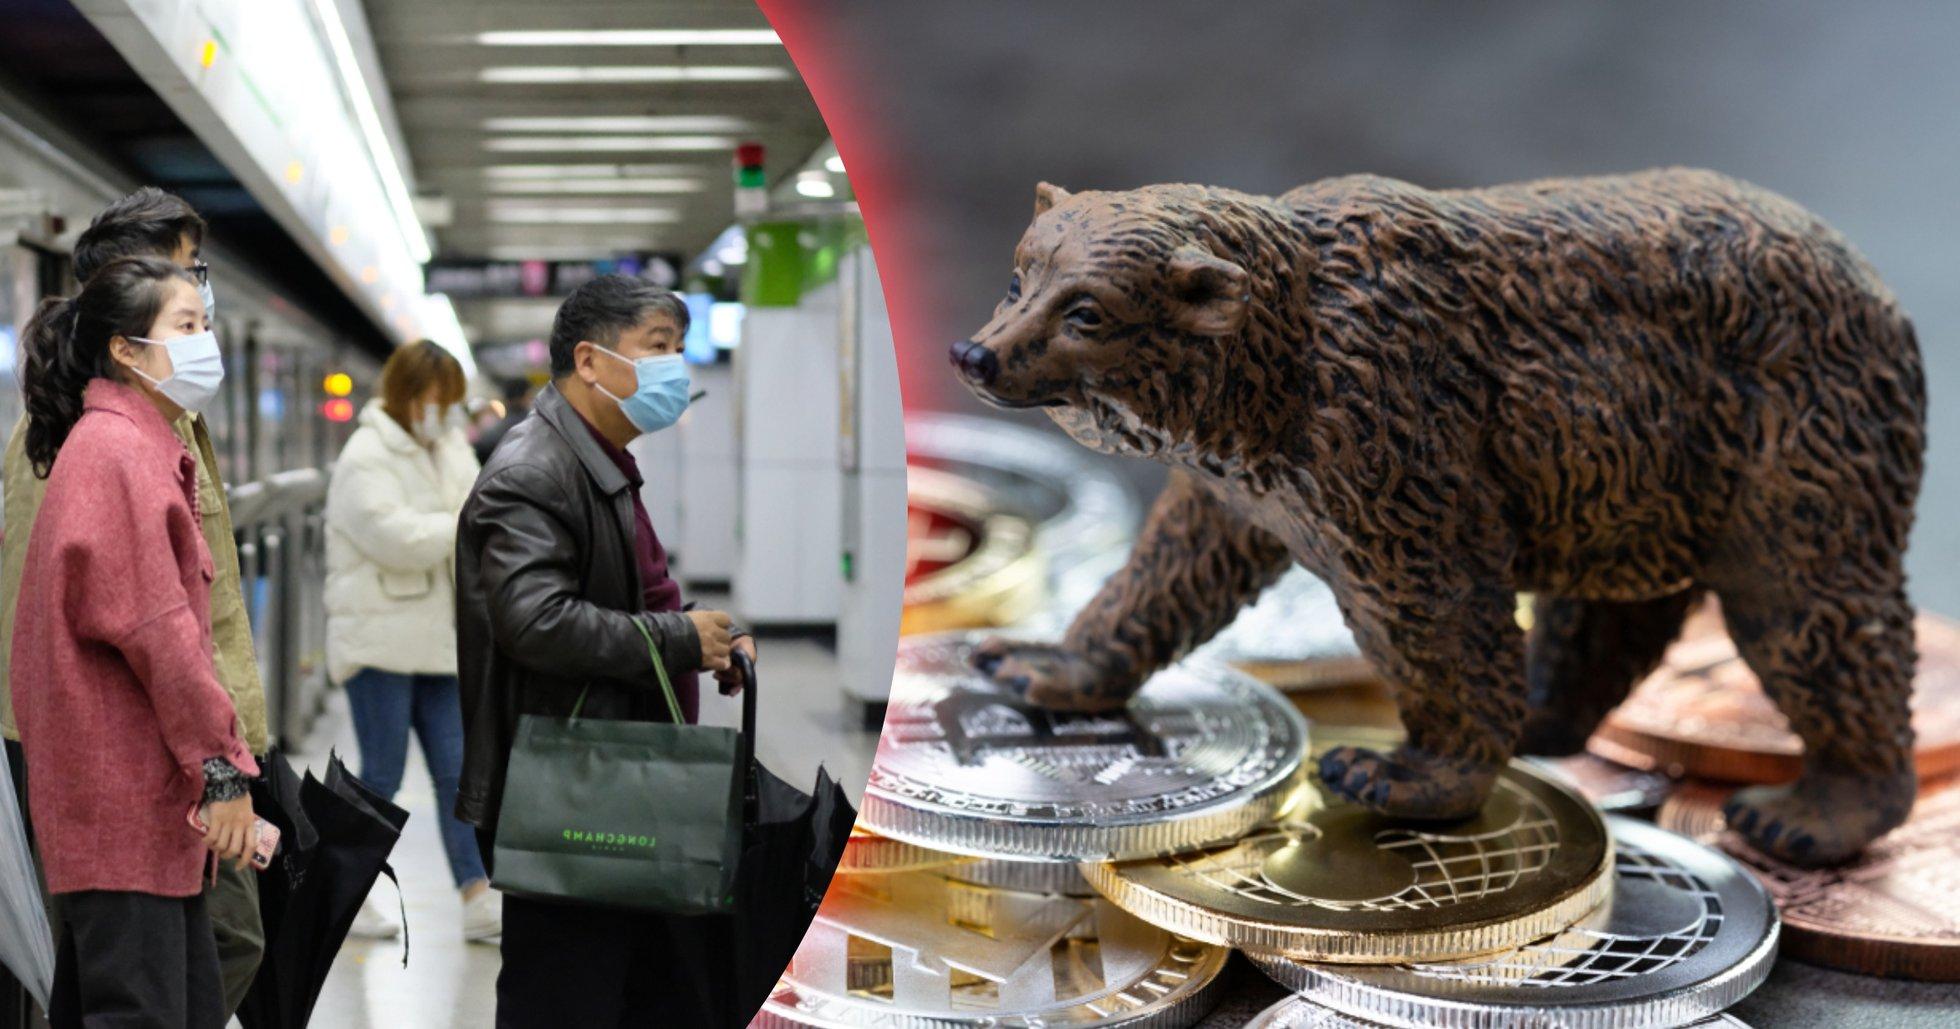 Bitcoinpriset har tappat nästan 10 procent sedan i måndags – det här kan det bero på.